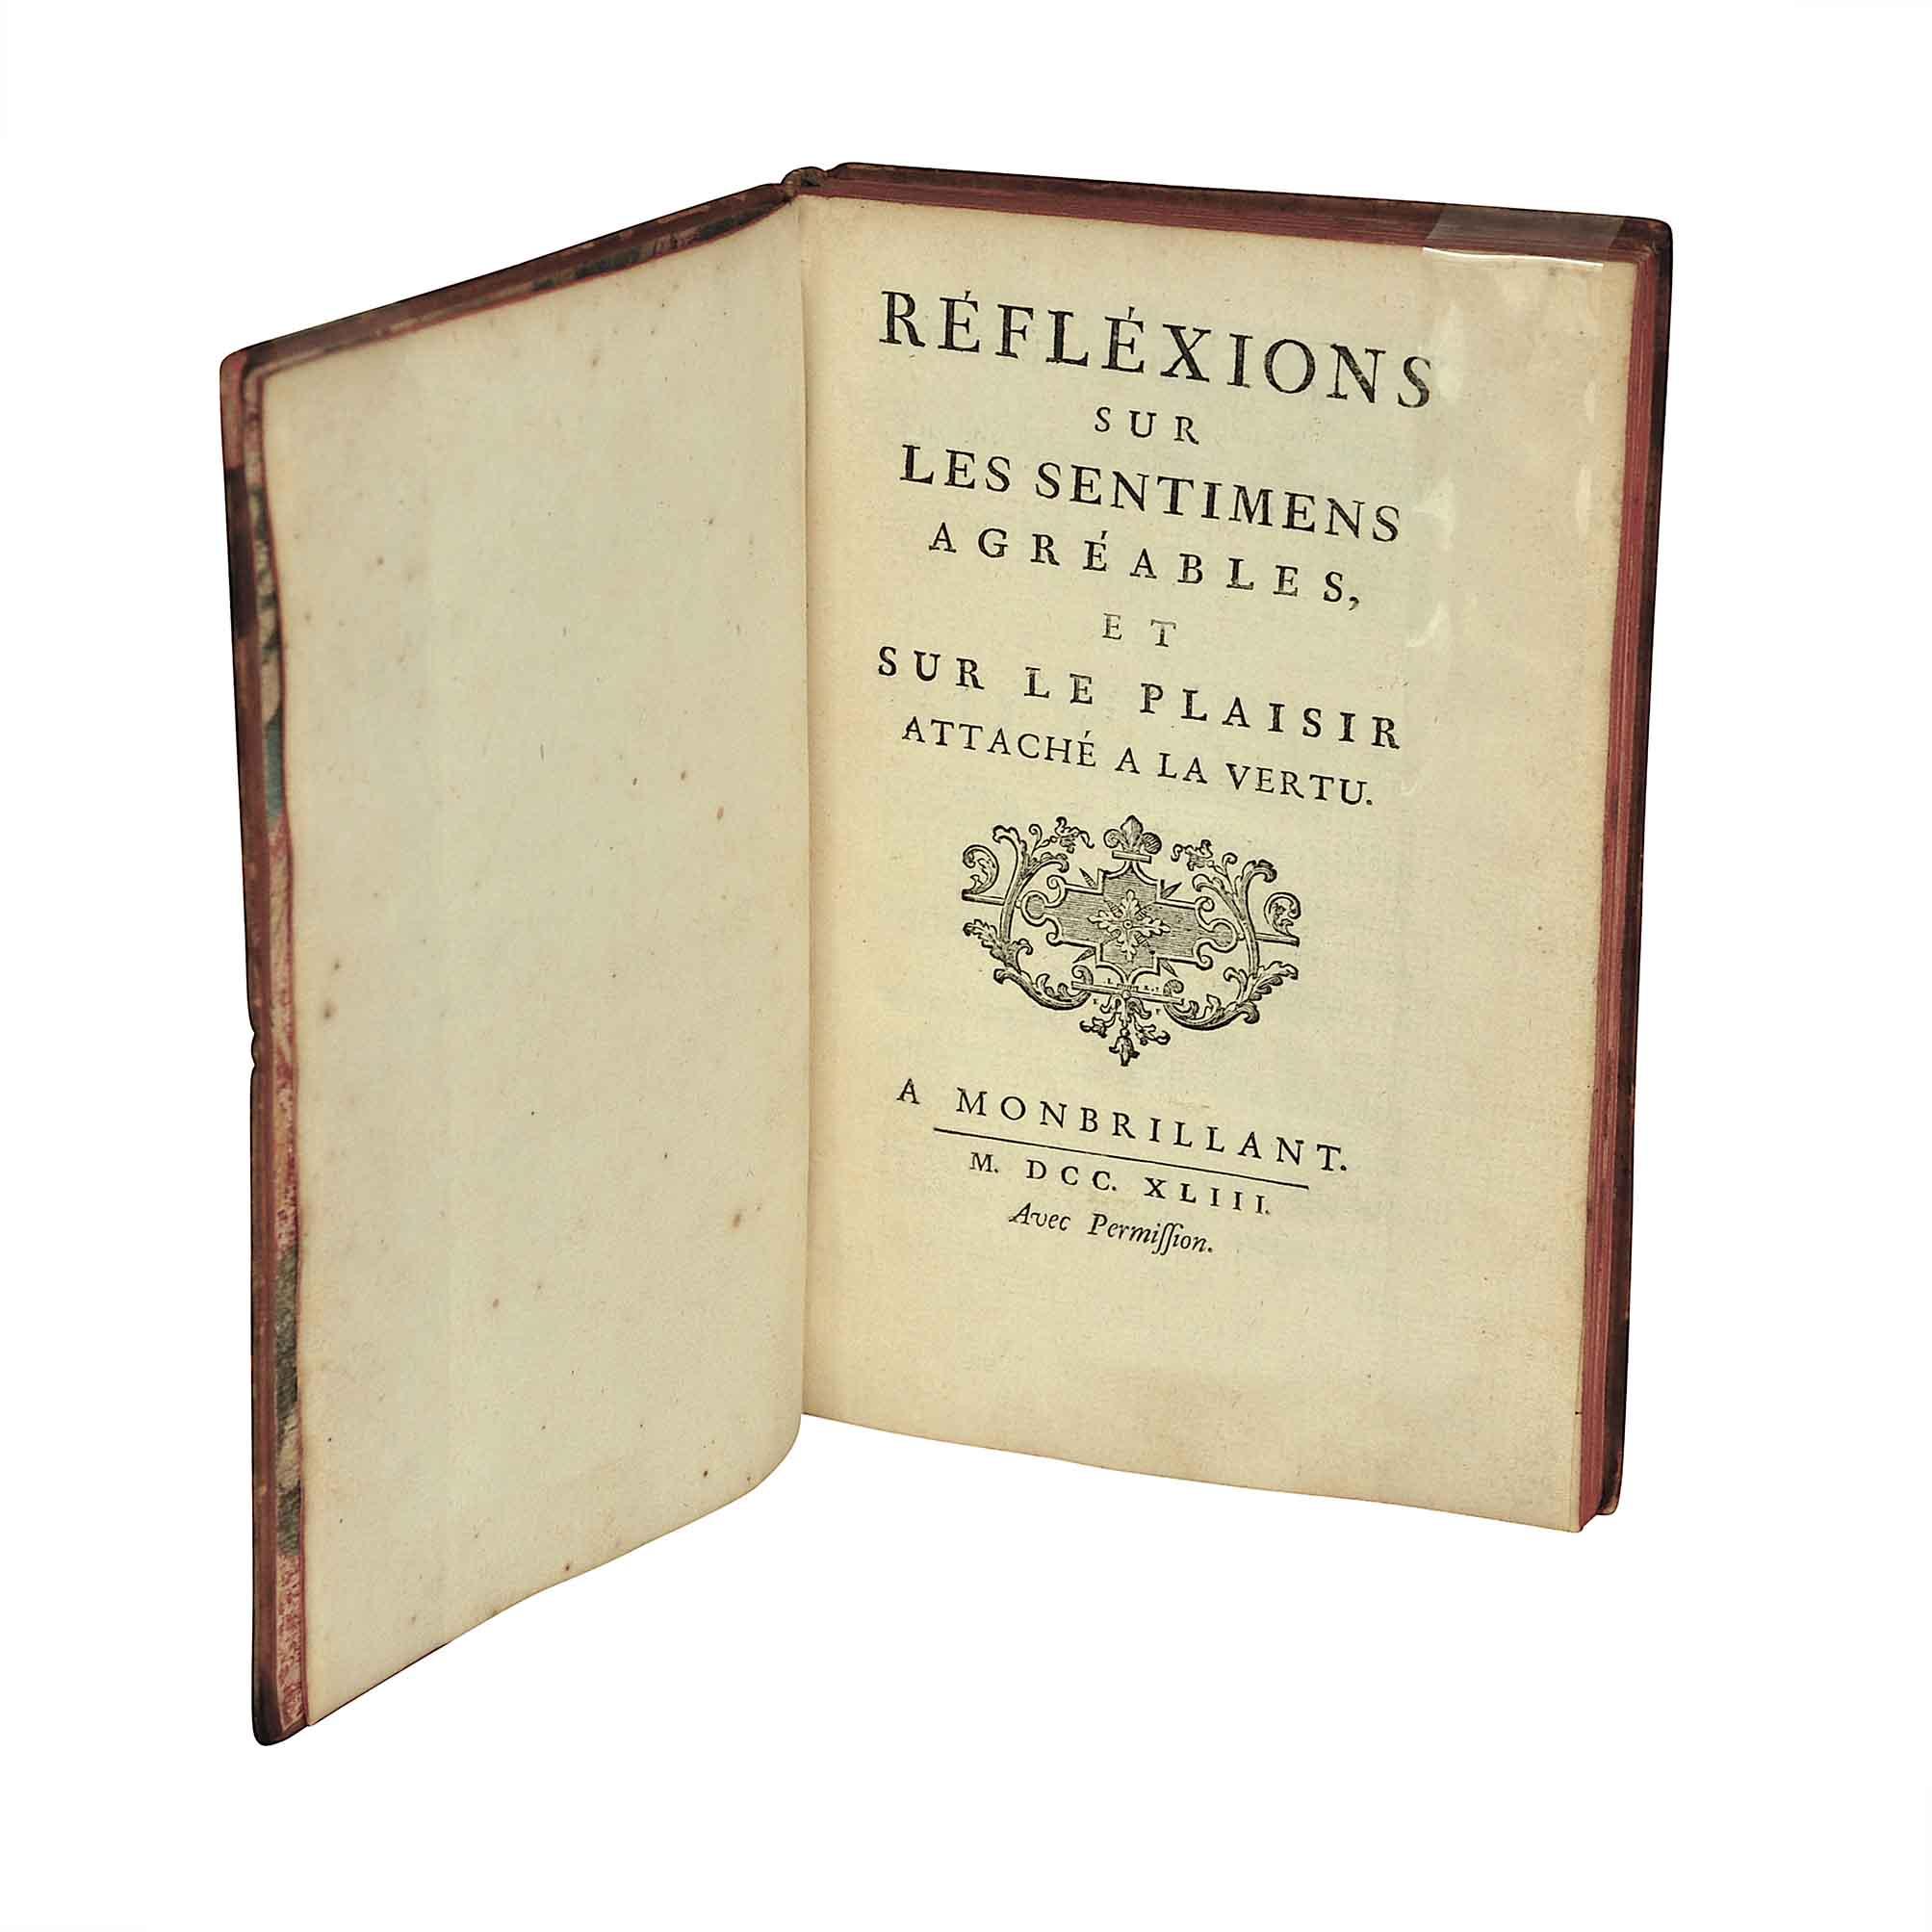 5627-Levesque-Gauffecourt-Reflexions-1743-title-open-A-N.jpg